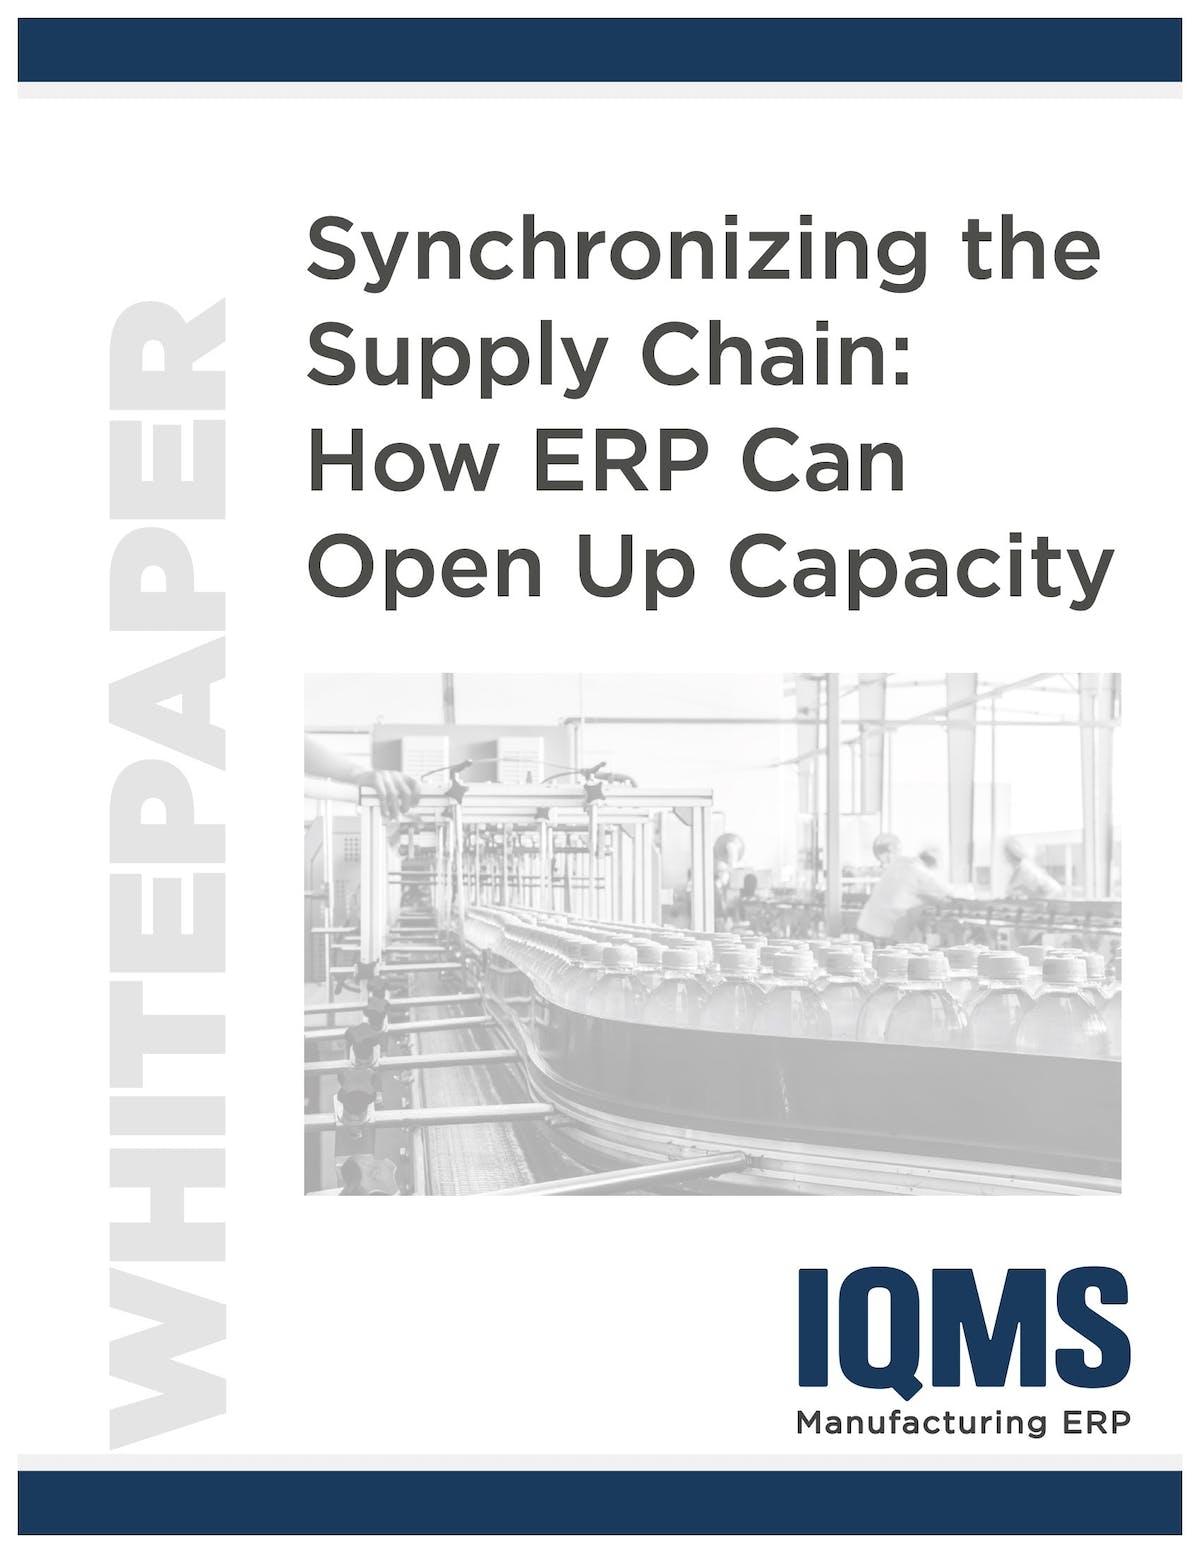 EnterpriseIQ White Paper - Synchronizing the Supply Chain